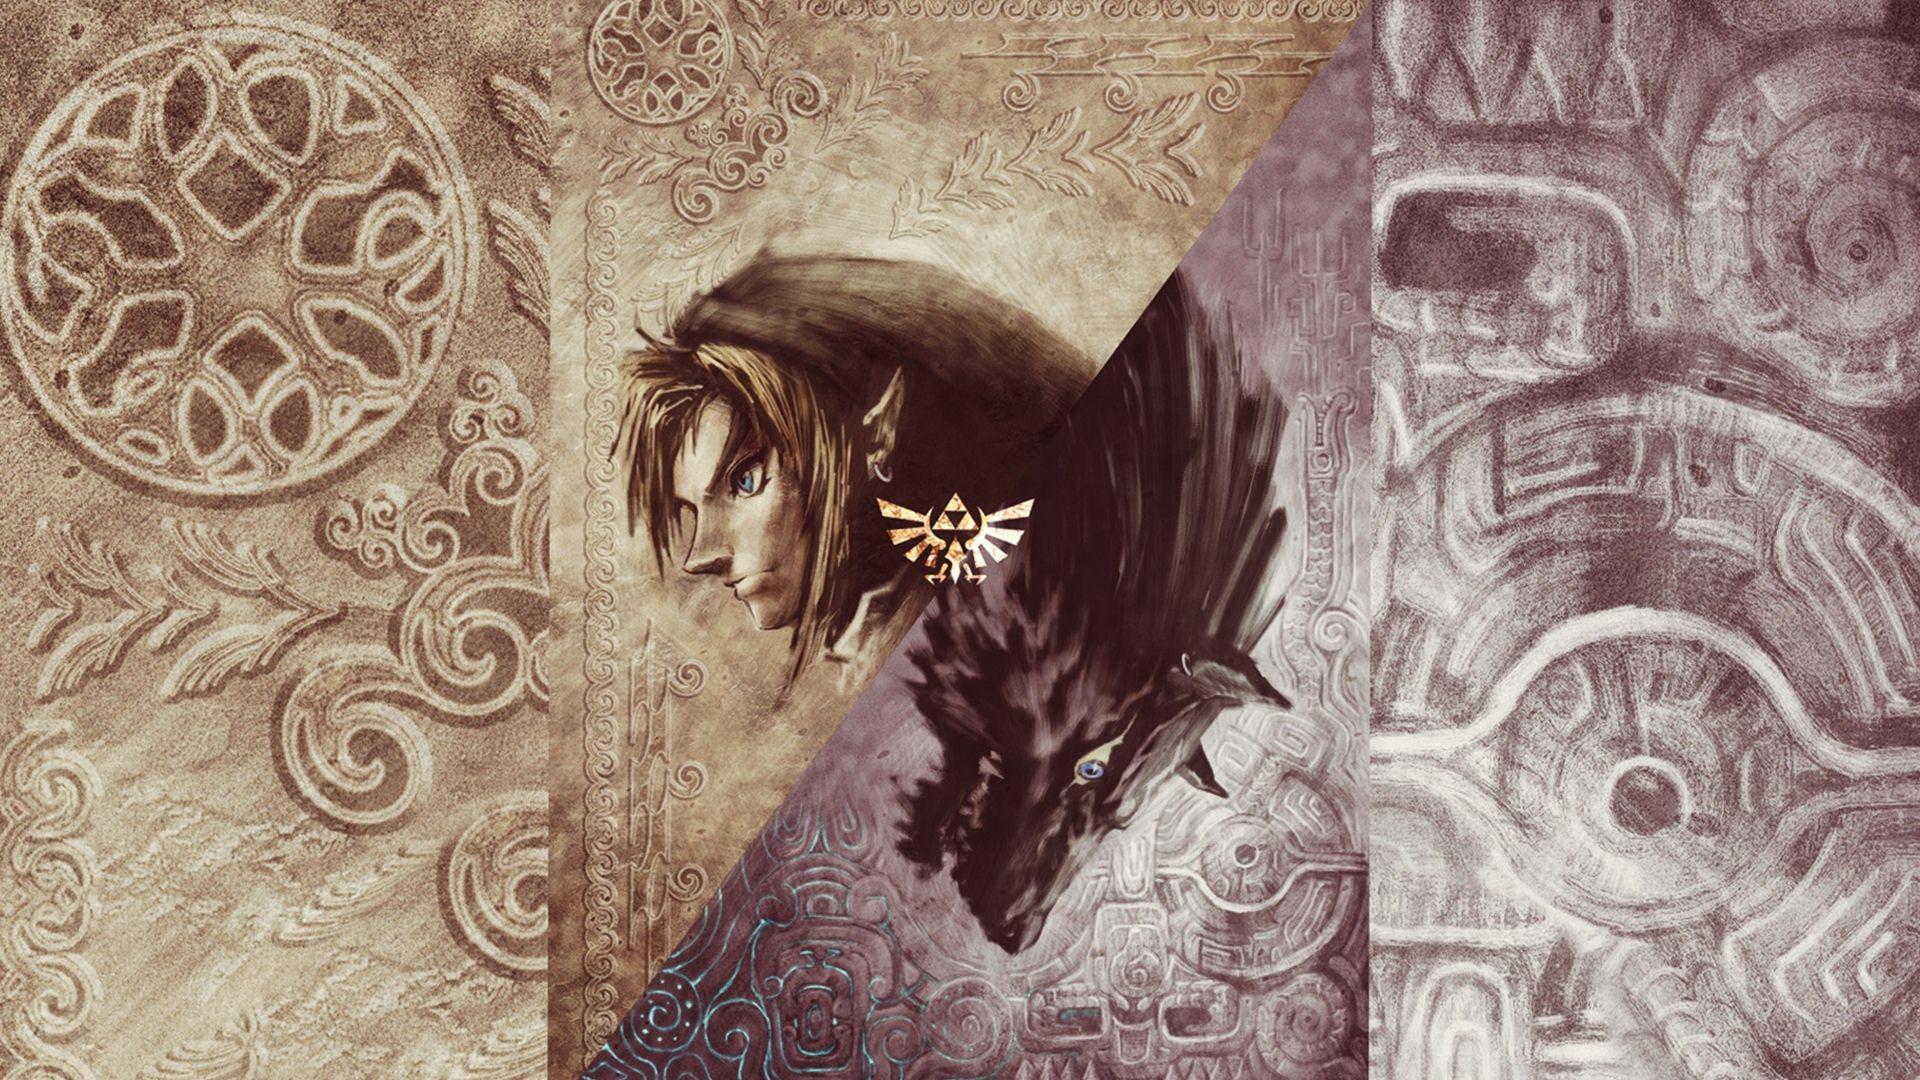 Legend of Zelda Twilight Princess Wallpaper (73+ pictures)